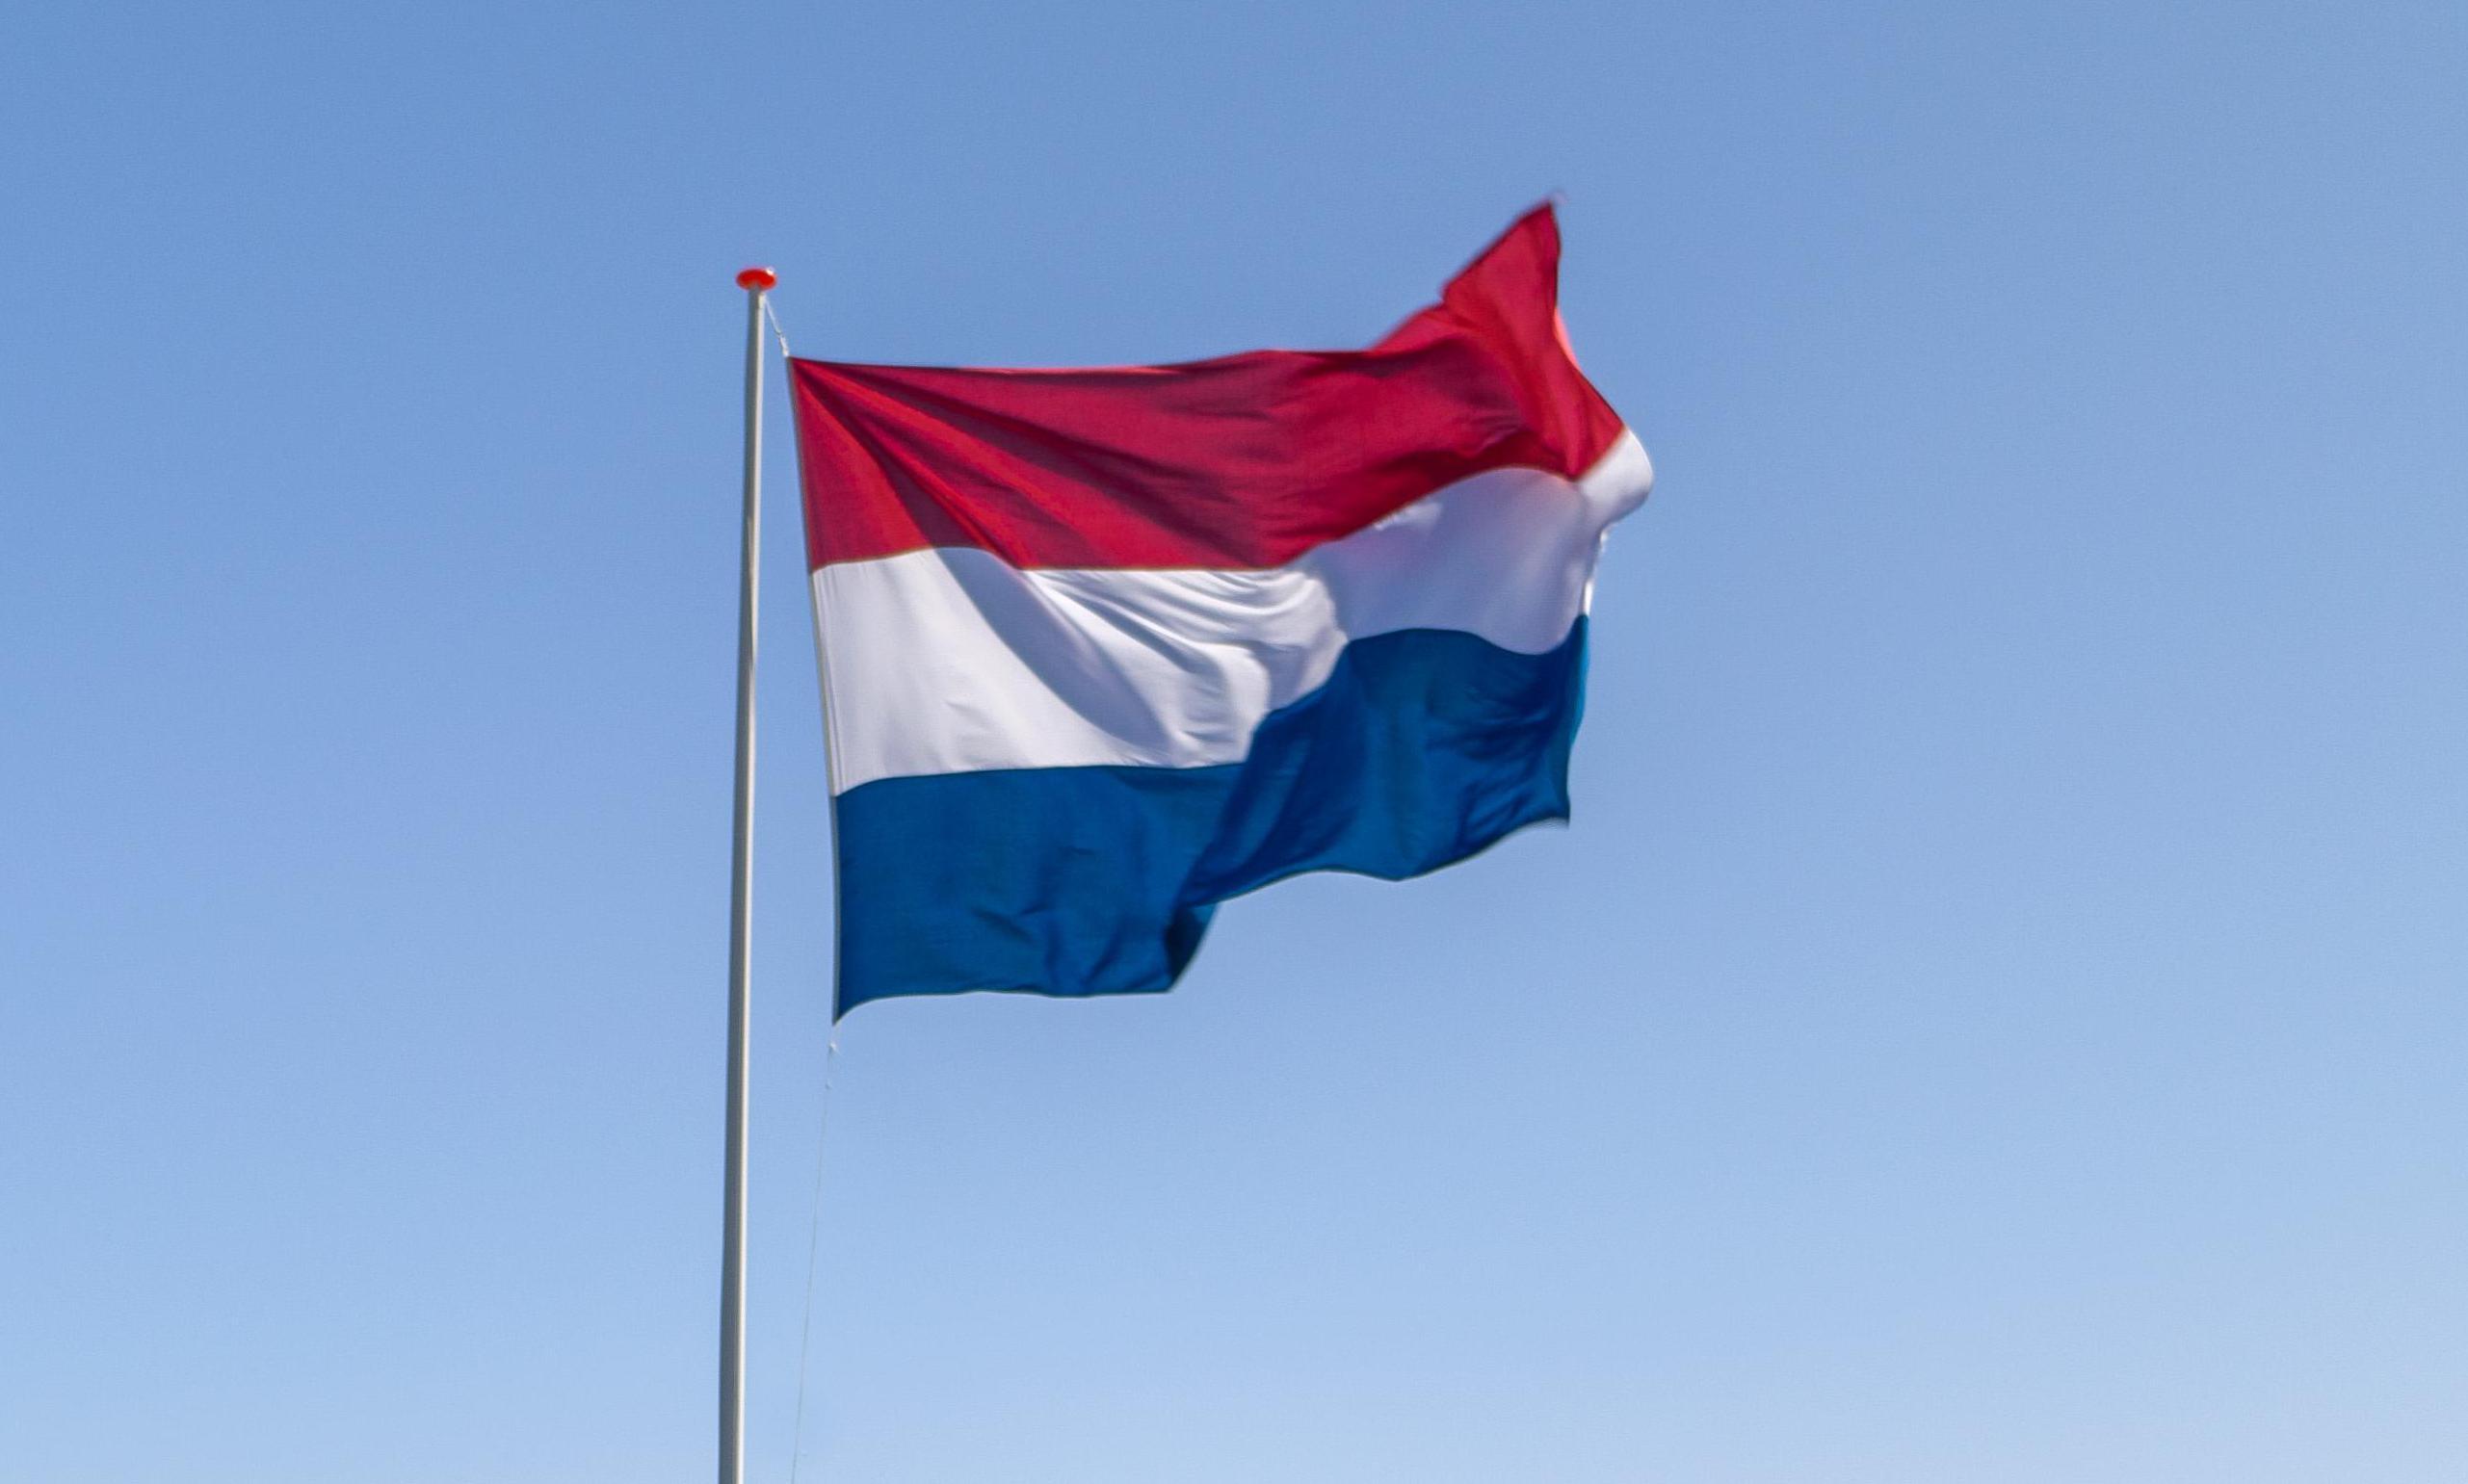 Geen Nederlandse vlag vanuit de Zuidertoren in Enkhuizen, als gevolg van coronamaatregelen